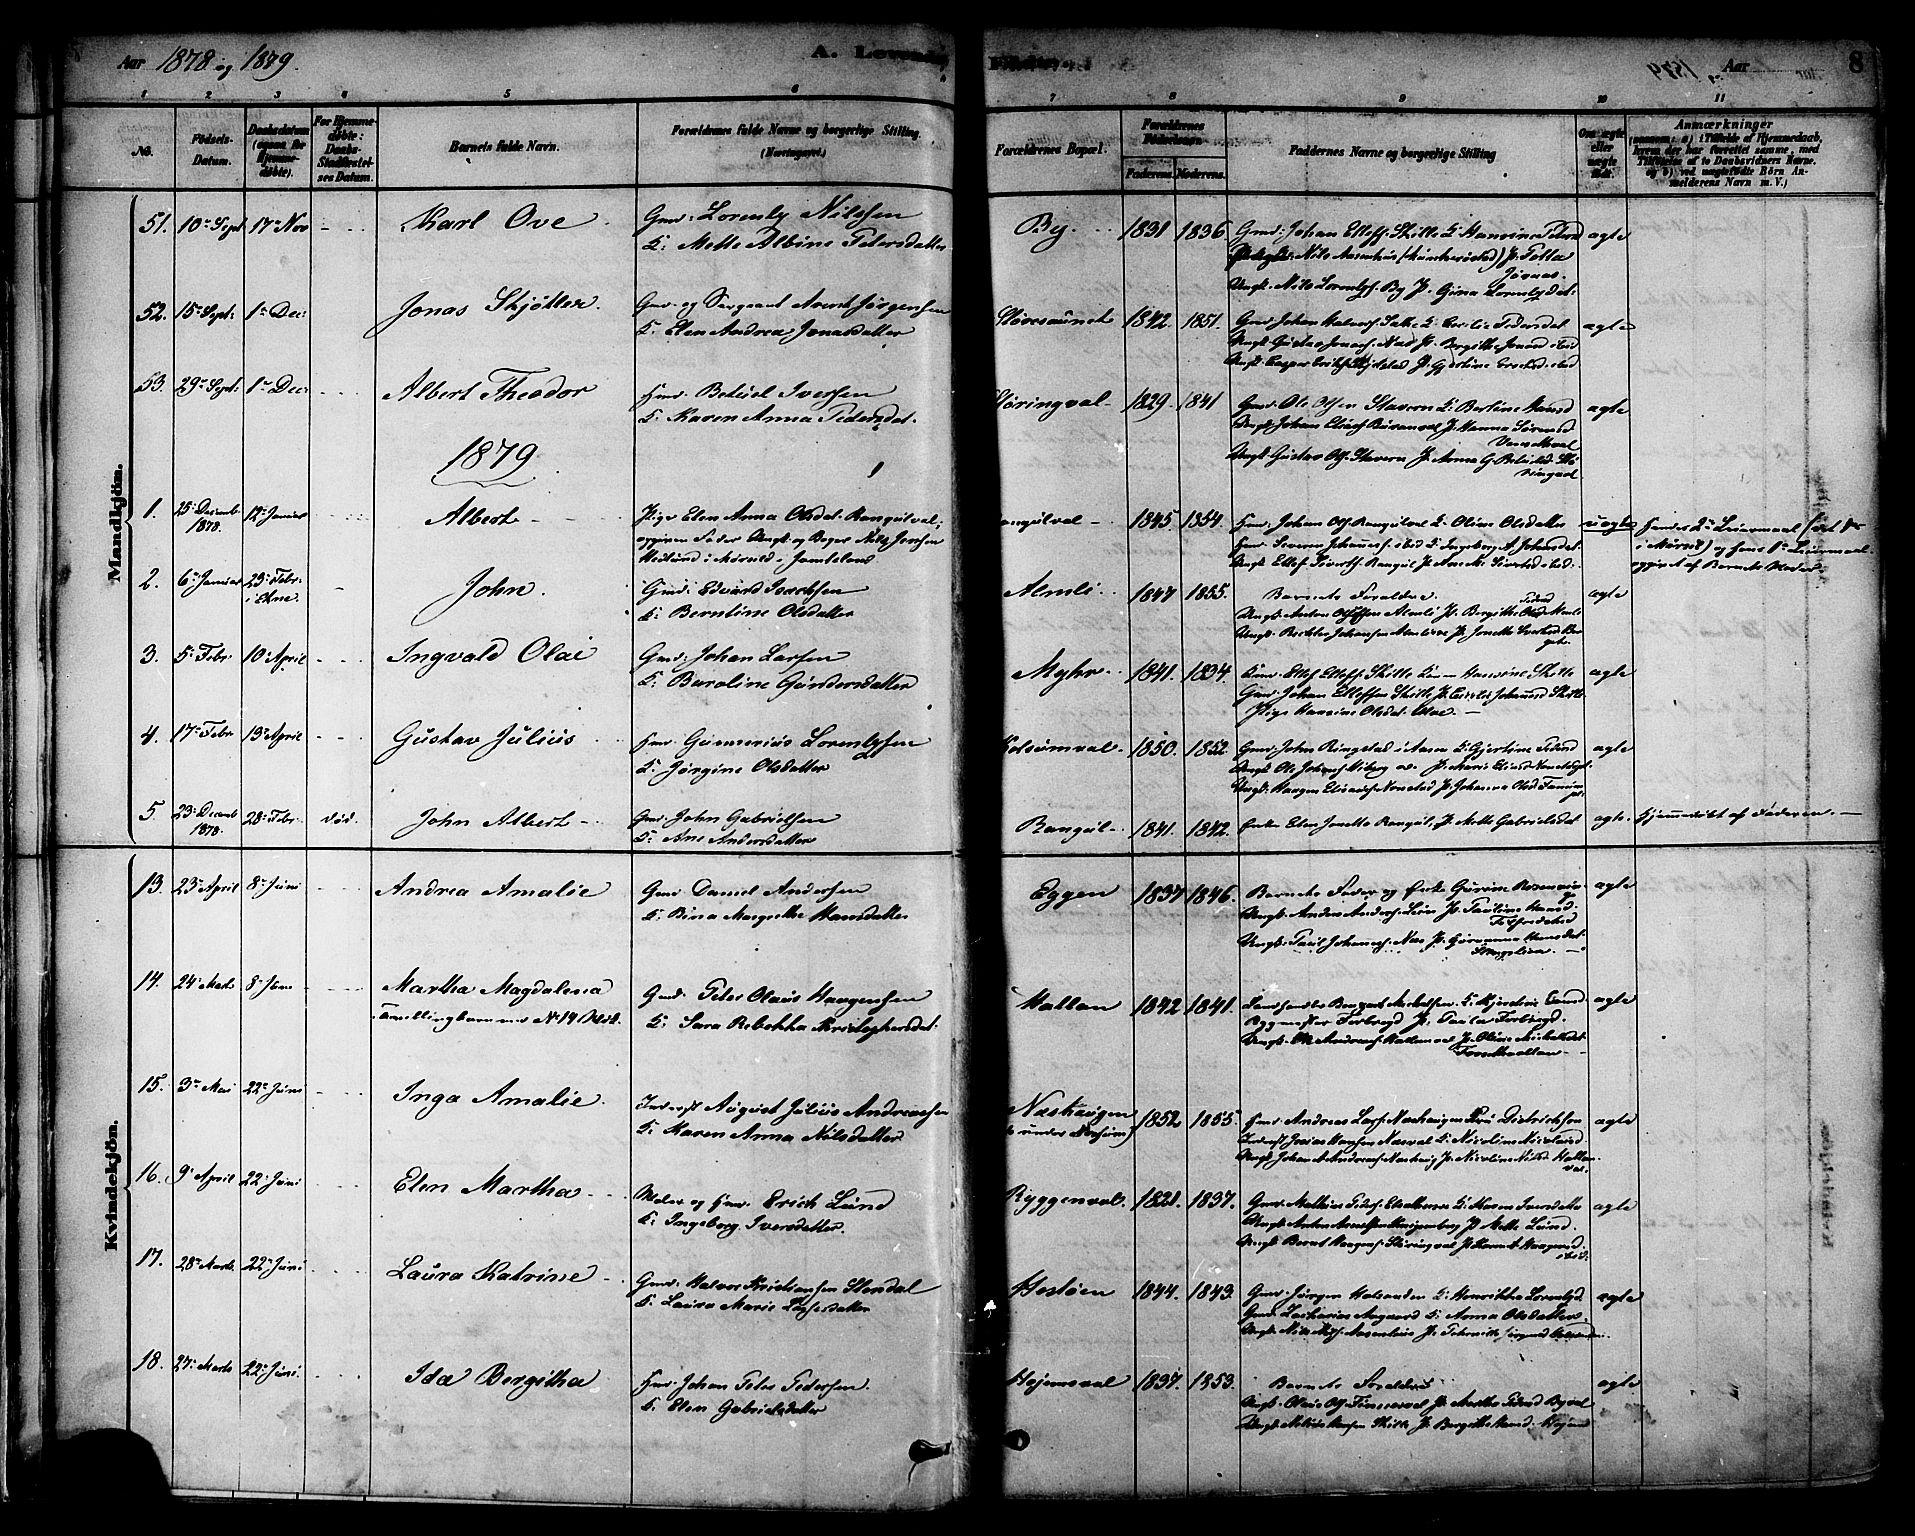 SAT, Ministerialprotokoller, klokkerbøker og fødselsregistre - Nord-Trøndelag, 717/L0159: Ministerialbok nr. 717A09, 1878-1898, s. 8